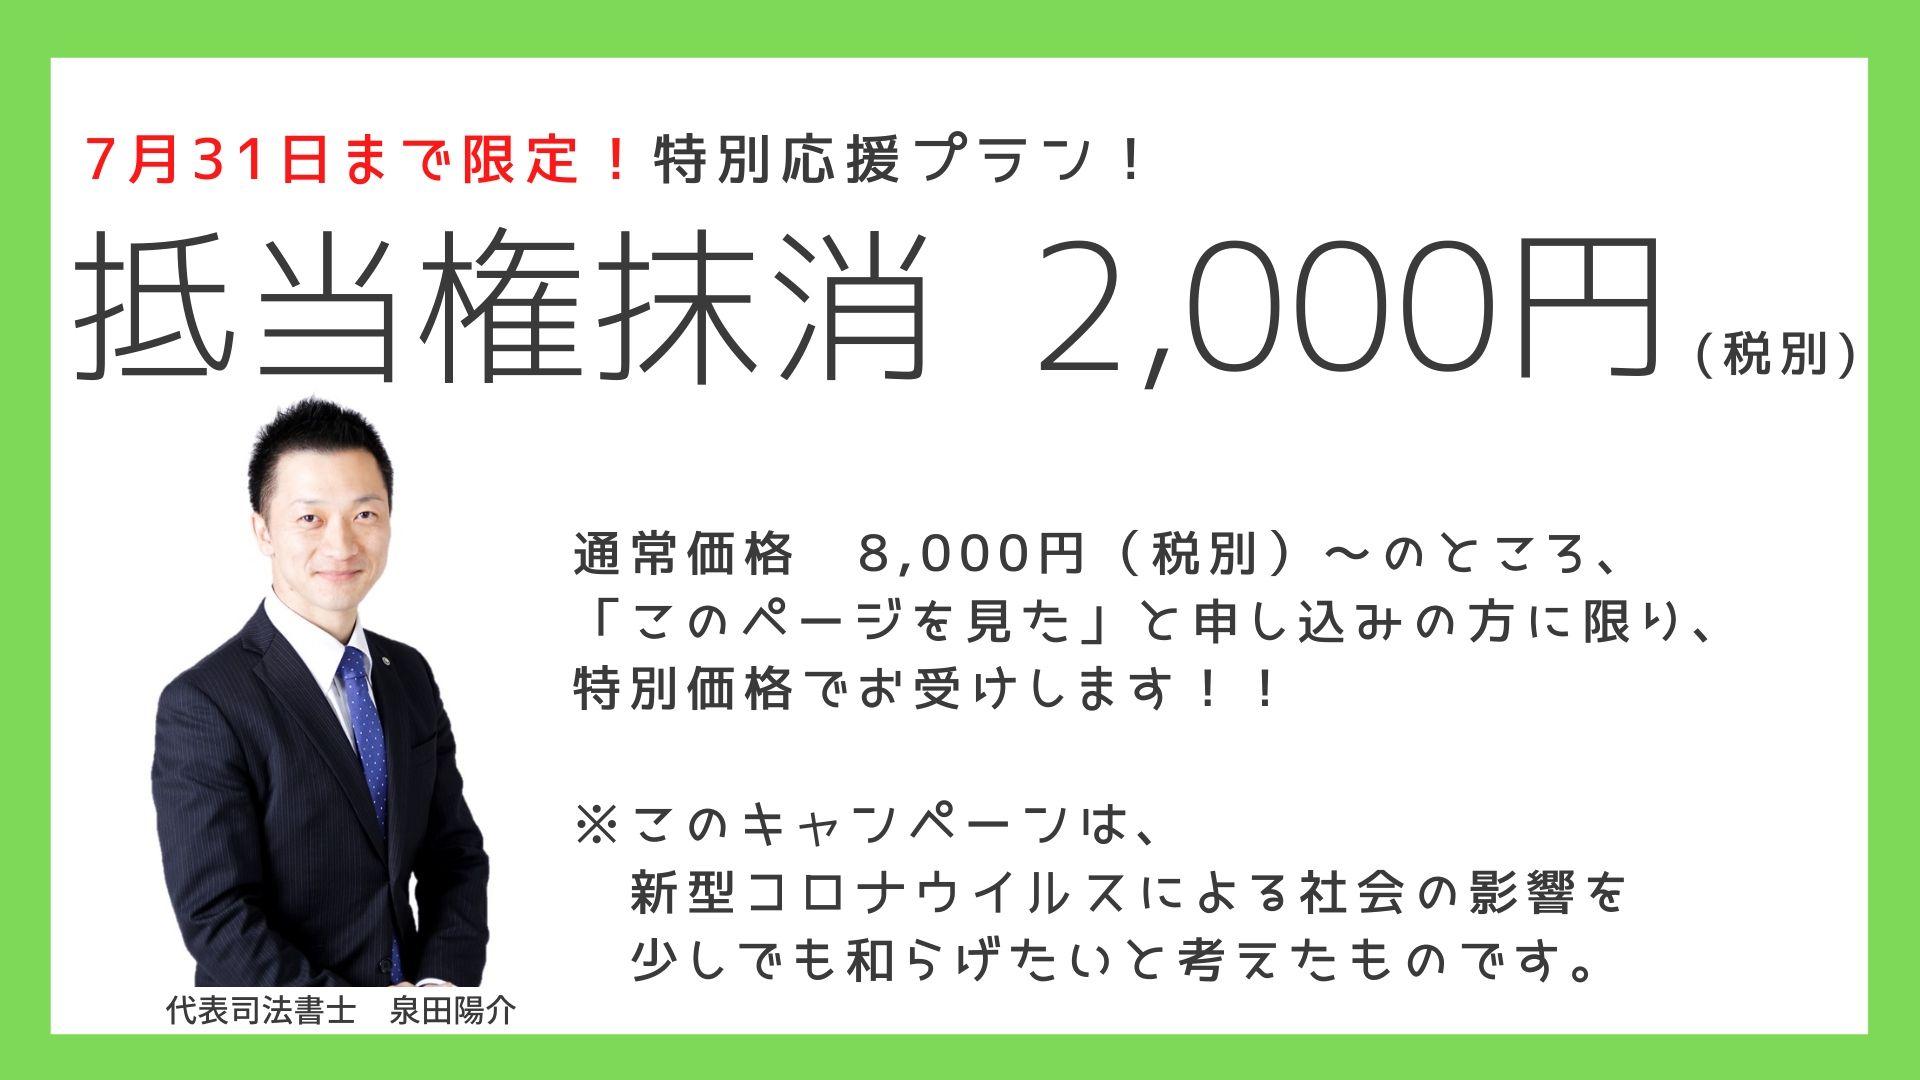 抵当権抹消登記を2,000円(税別)で依頼可能 格安 札幌の司法書士 住宅ローン完済 相続専門